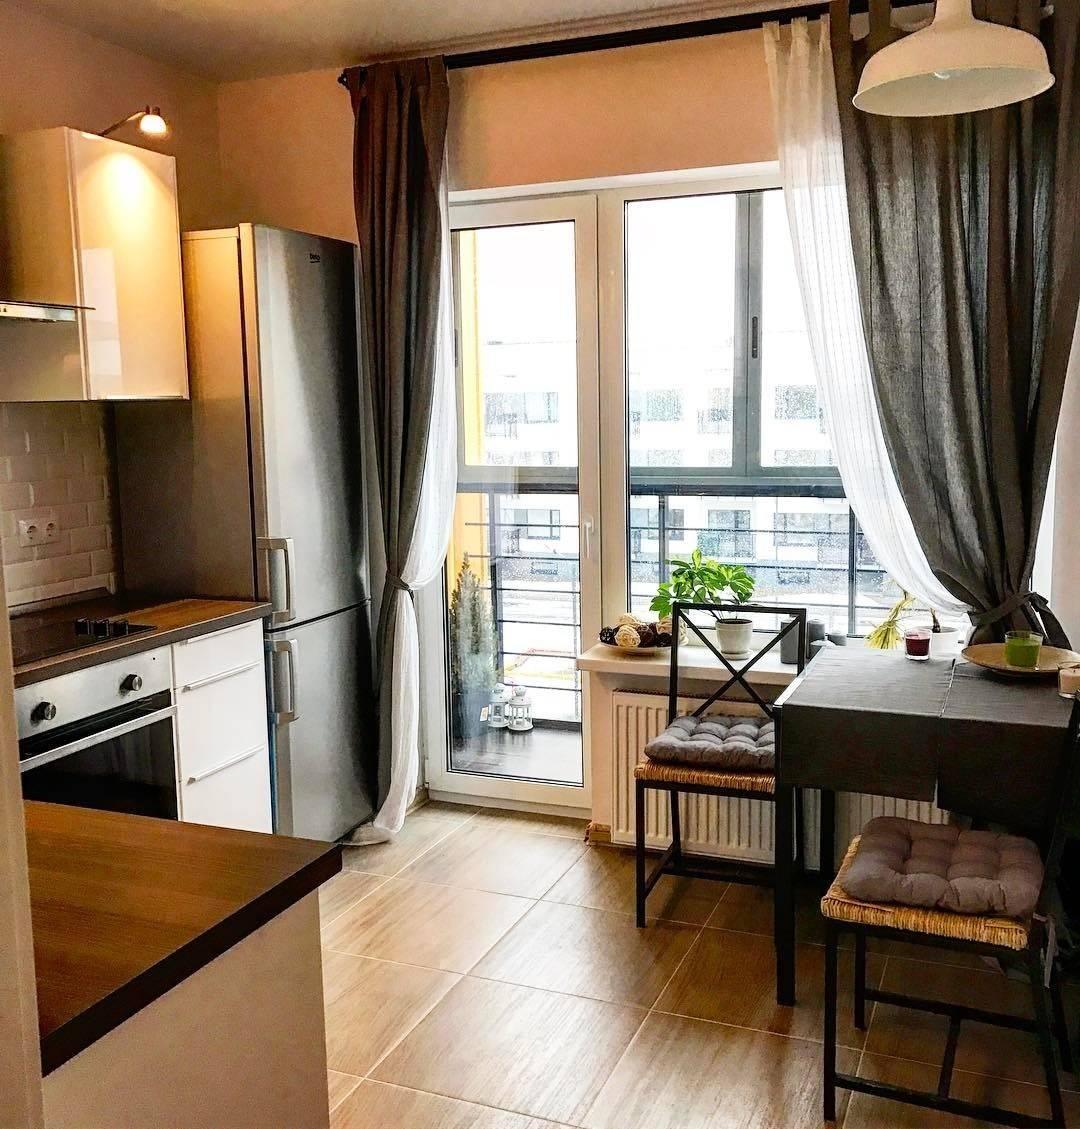 соединение балкона с кухней фото седокова раньше